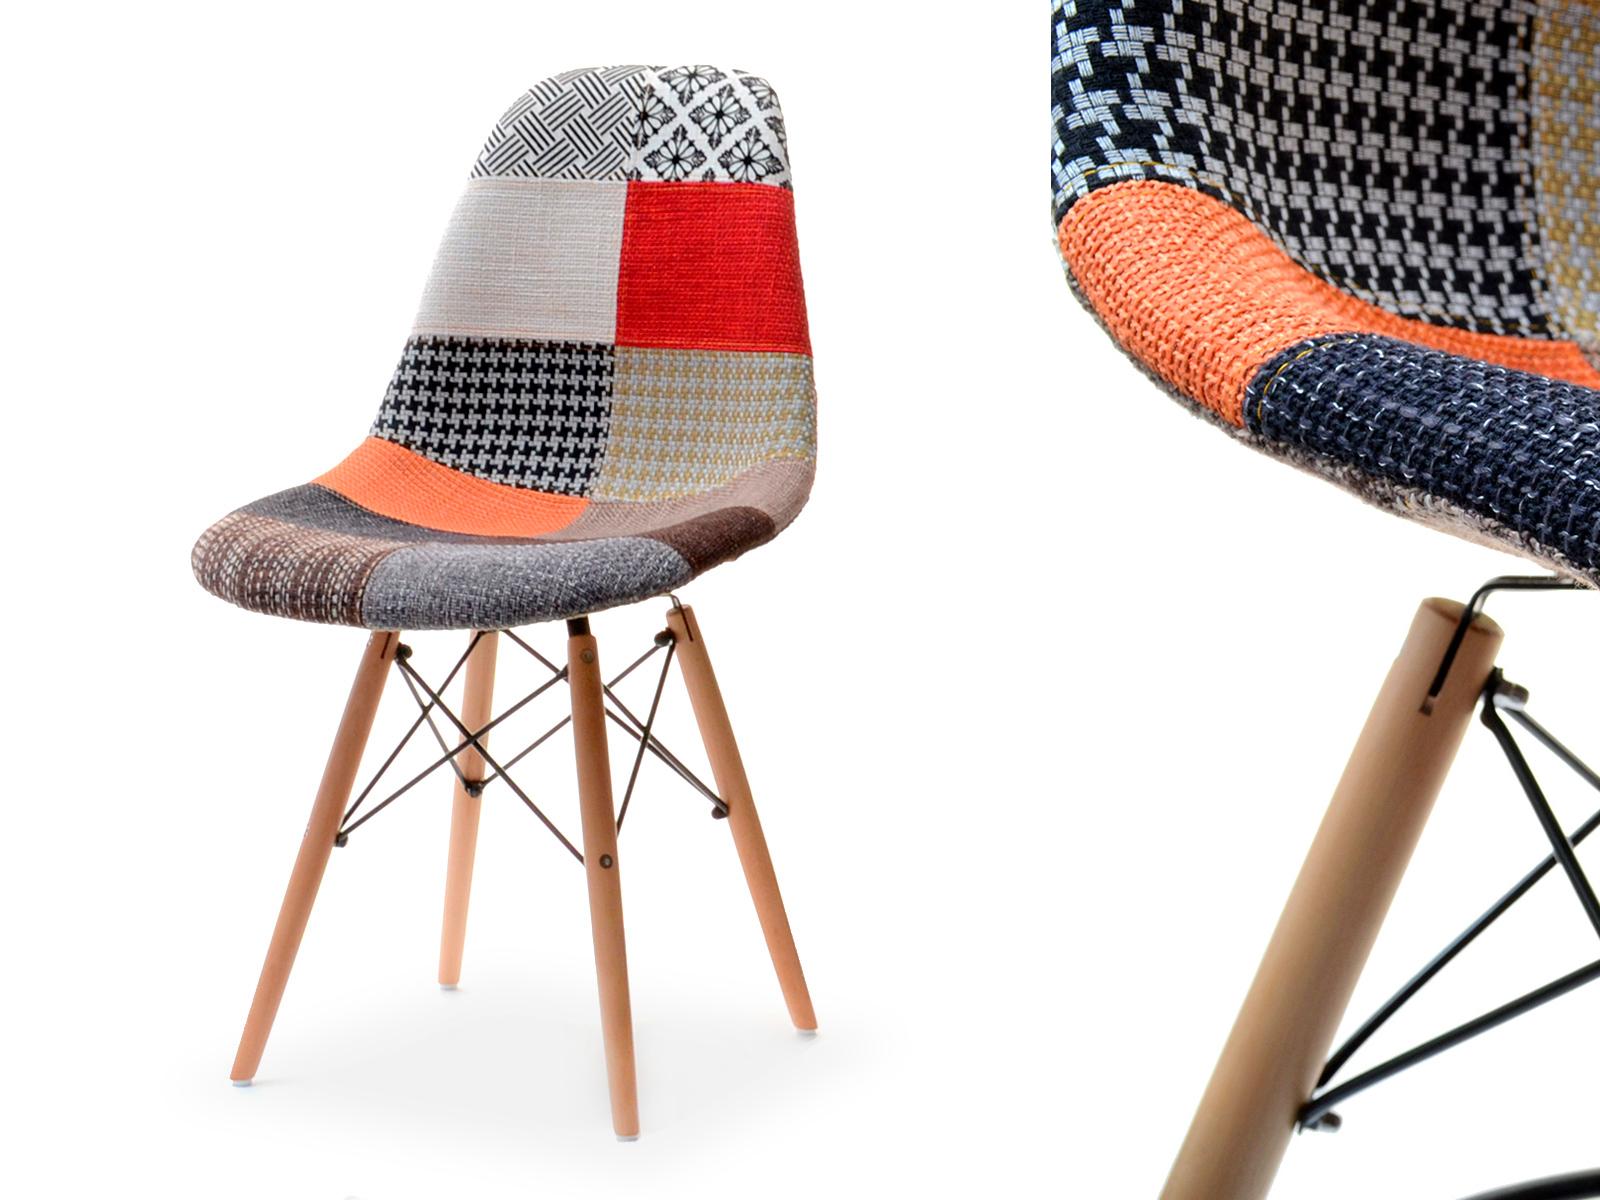 Tapicerowane krzesło drewniane nogi mpc wood wzory 7241799390 oficjalne archiwum allegro